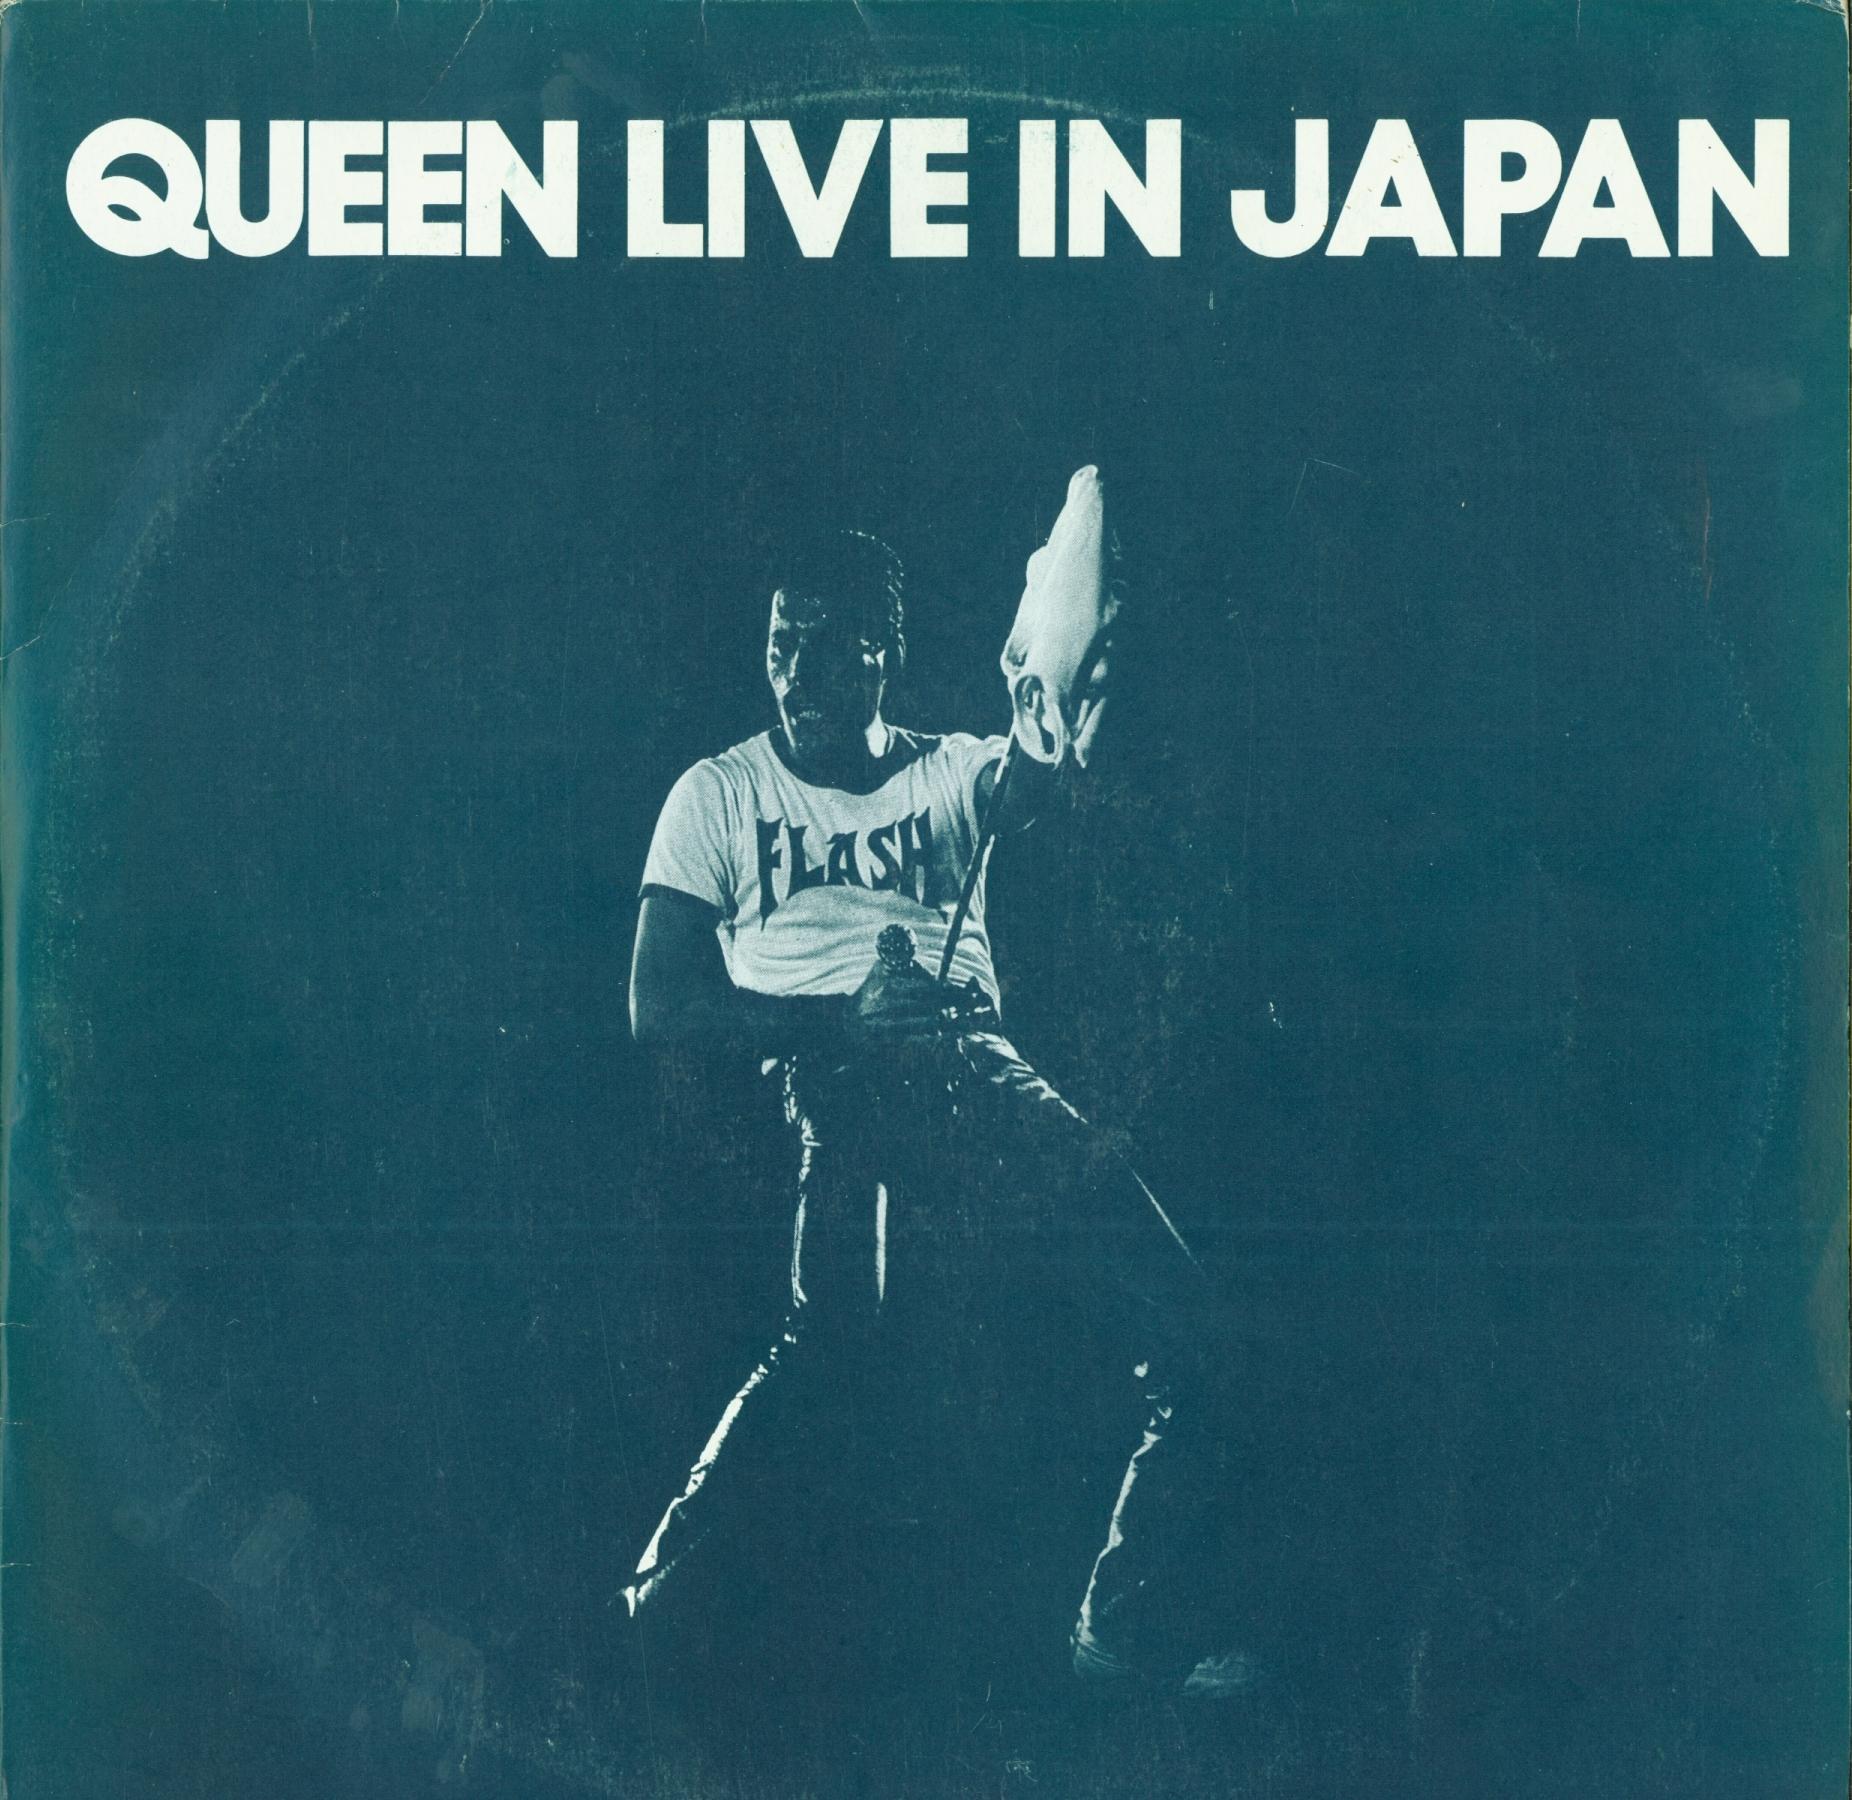 Queen Live In Japan Front Sleeve